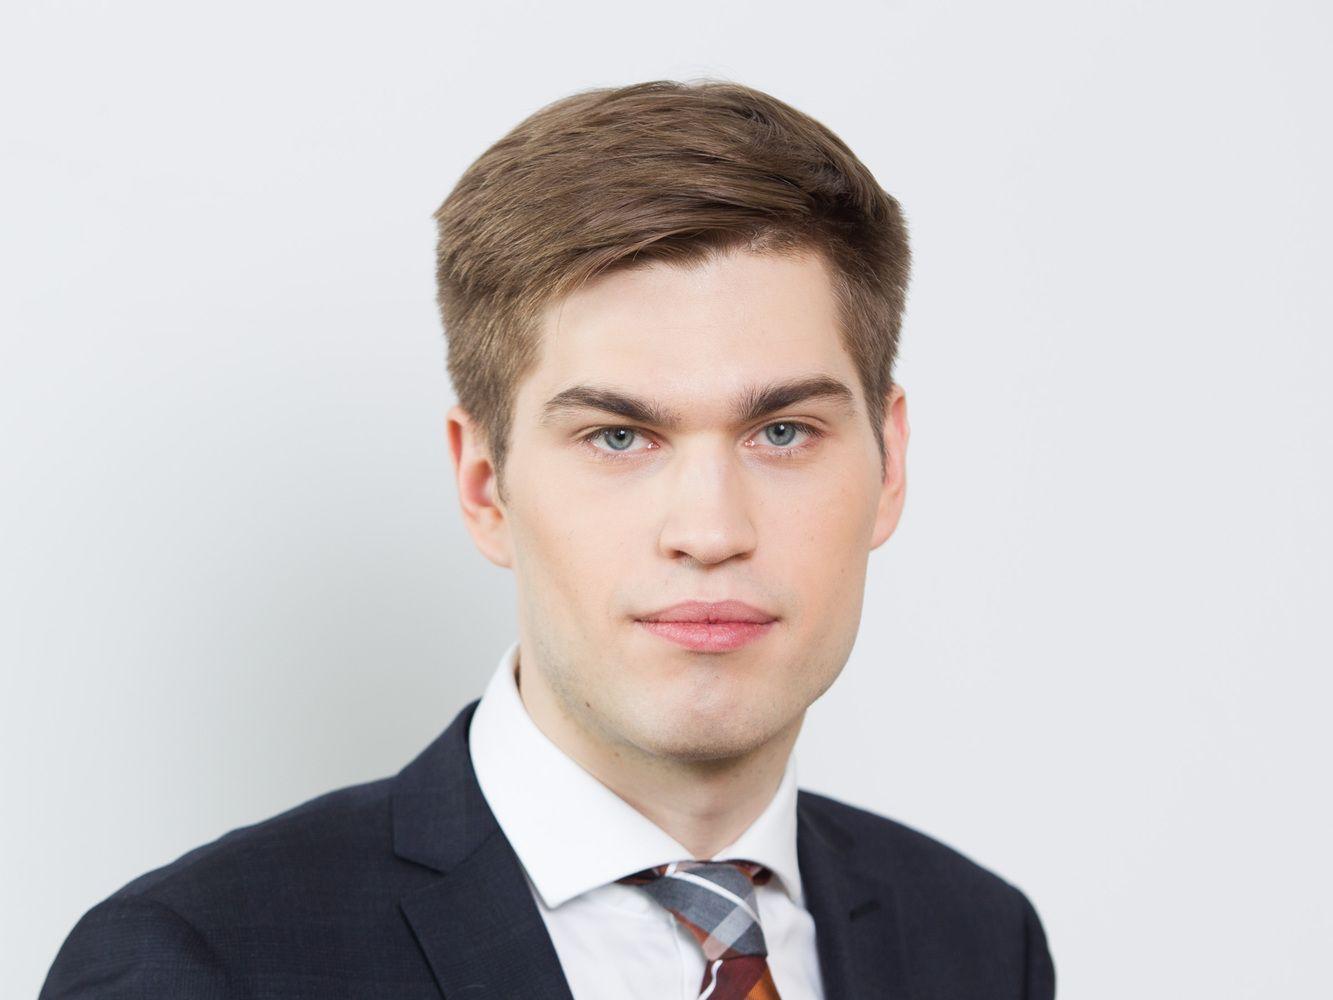 Akcininkų atsakomybė – kirtis Lietuvos finansų sektoriaus patrauklumui